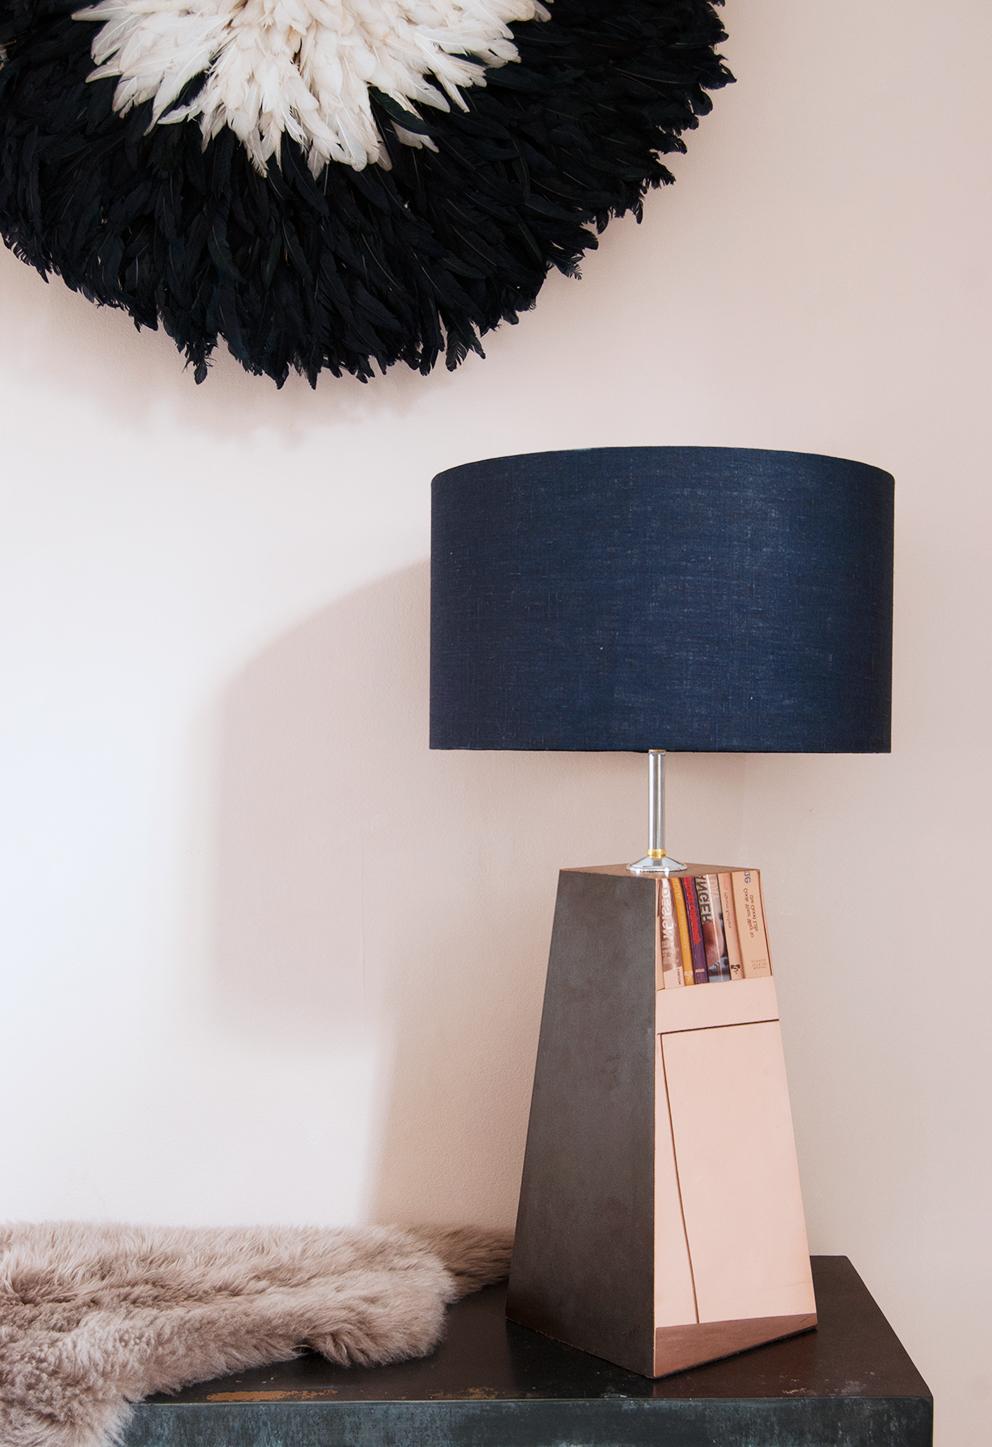 Love&Light Bespoke Luxury Lamps - French For Pineapple Blog